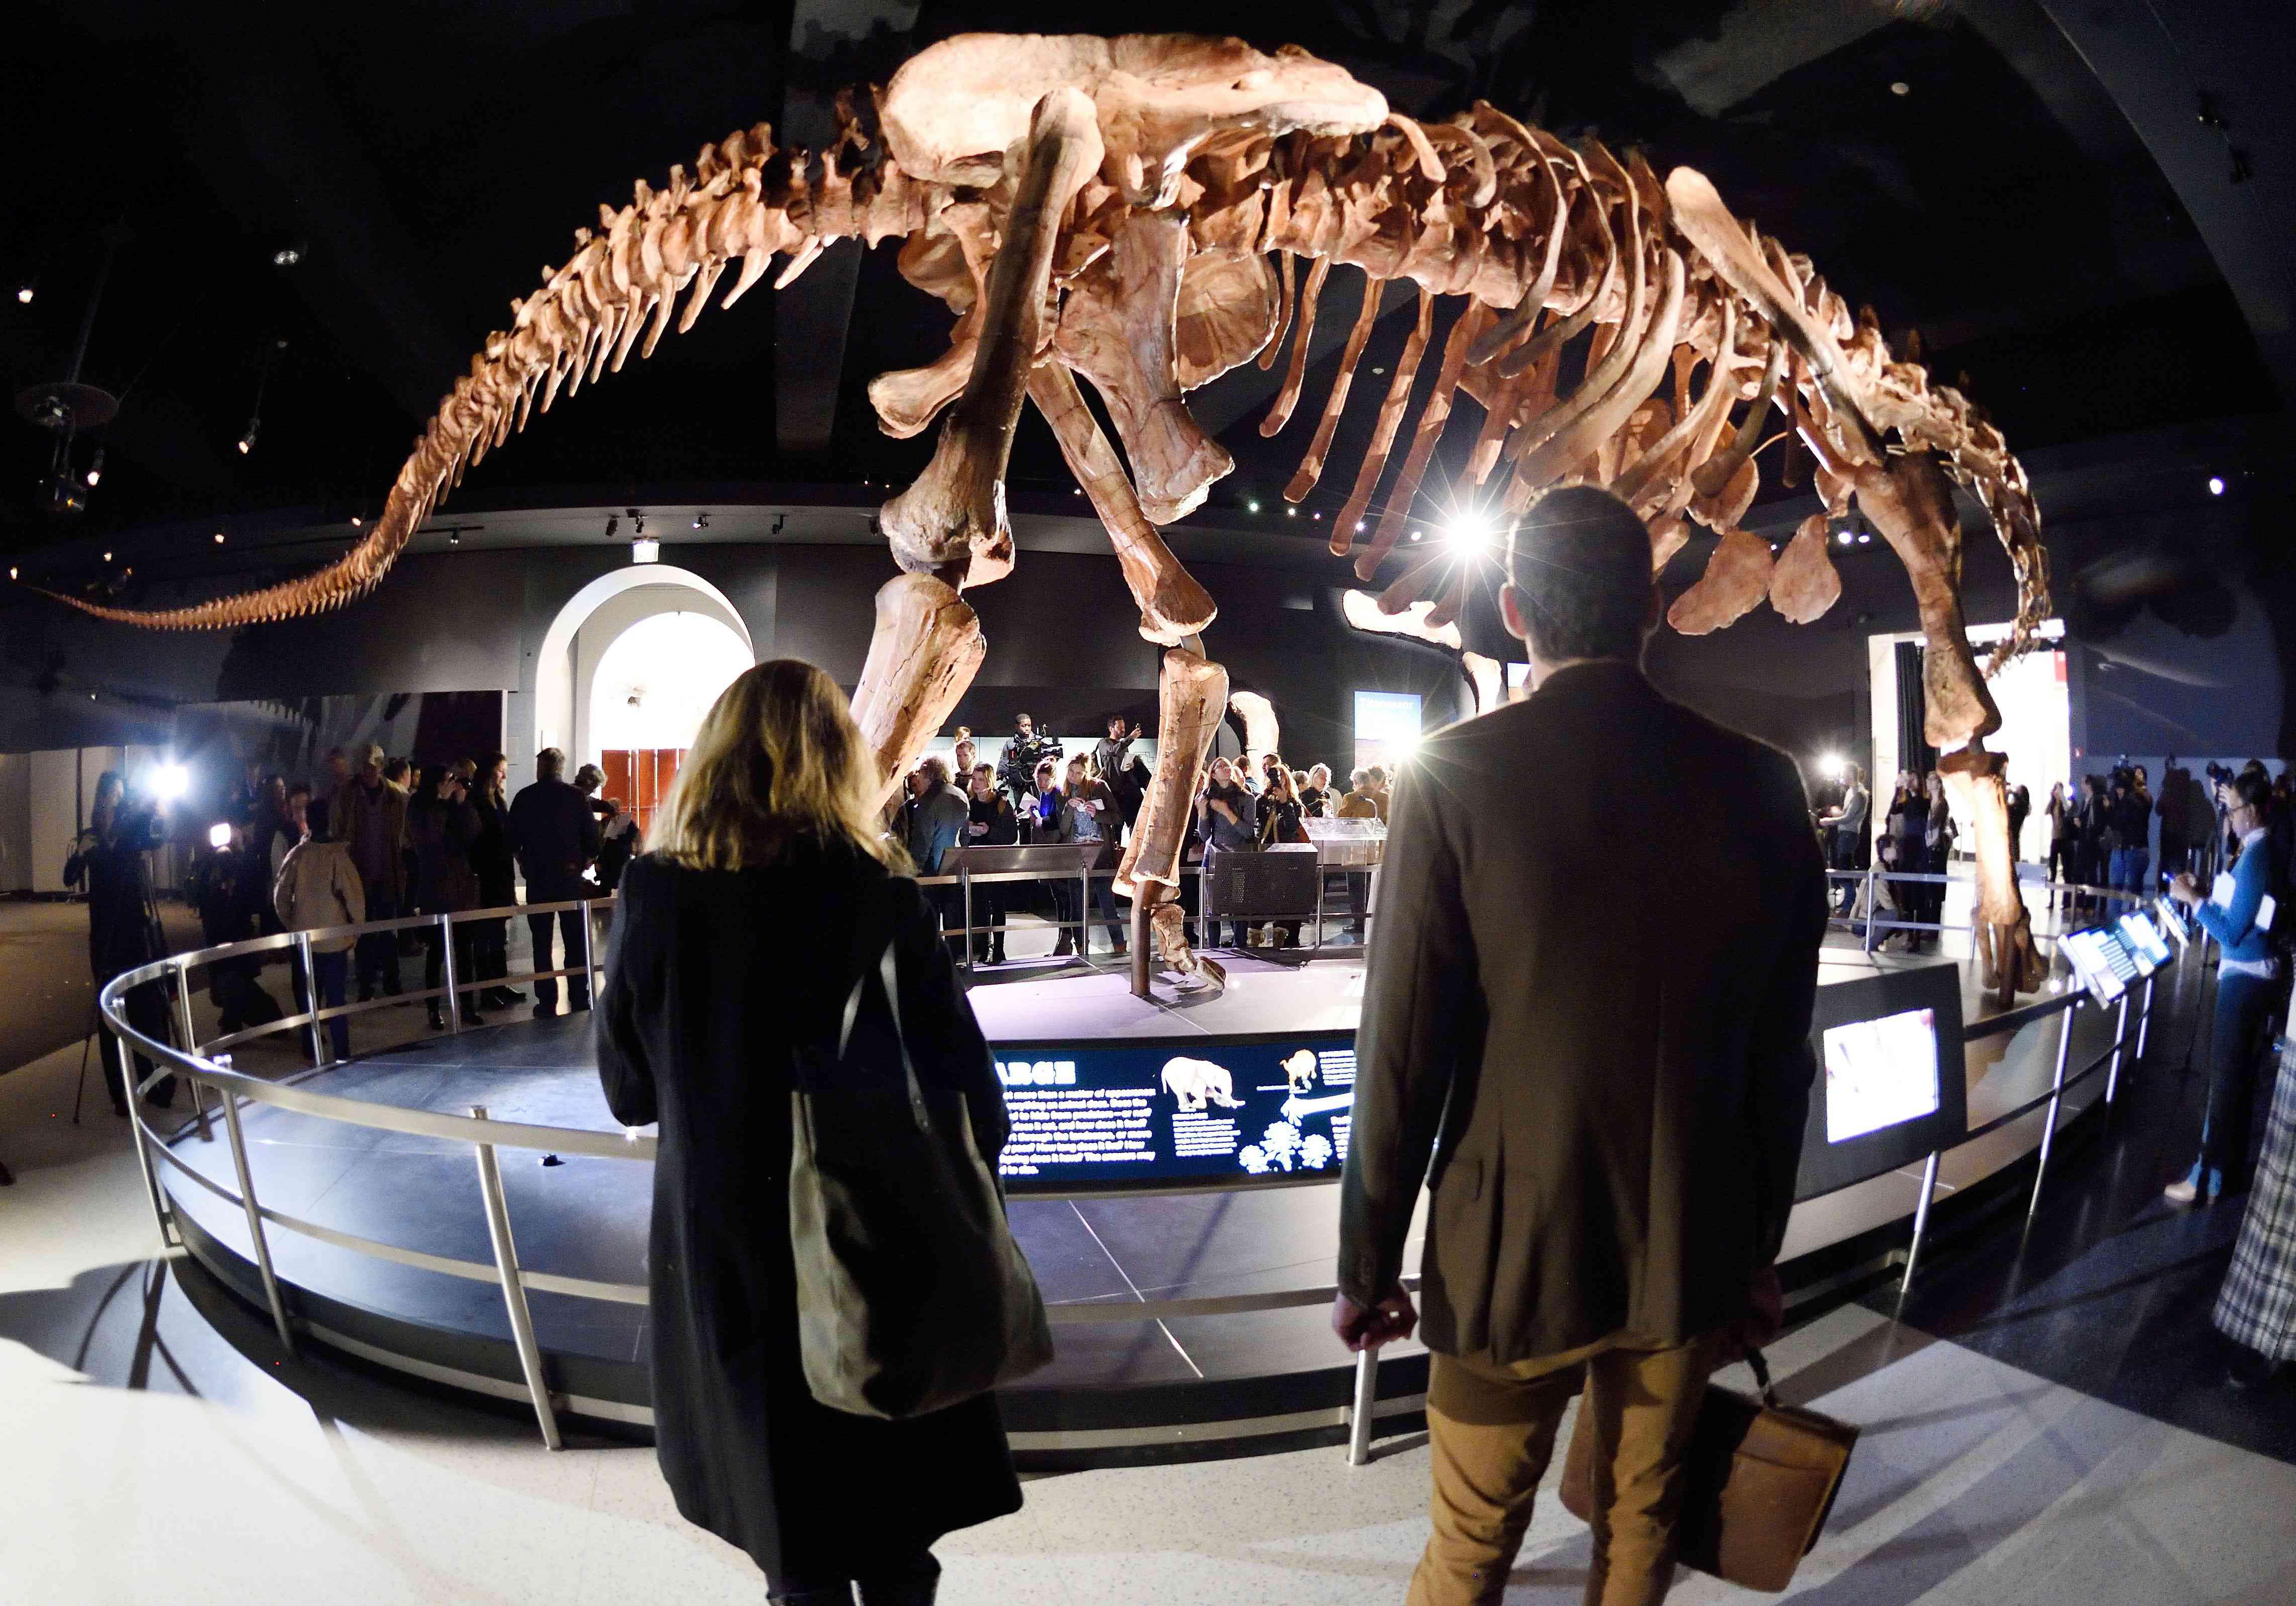 Patagotitan titanosaur display at the american museum of natural history